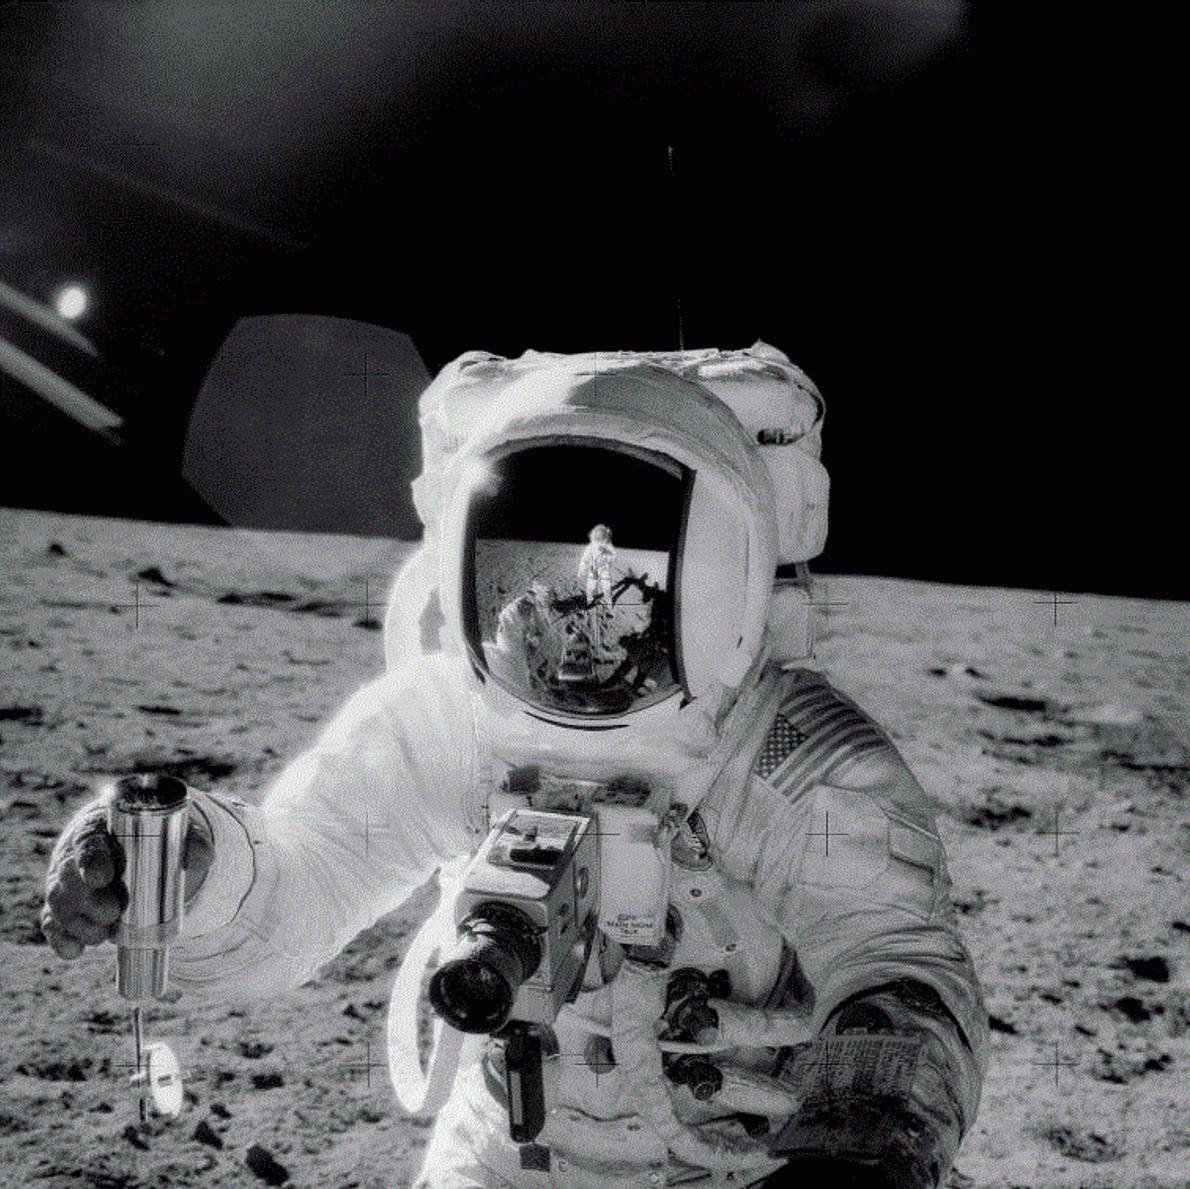 Lors de la mission Apollo 12 en 1969, l'astronaute Charles Conrad a pris cet autoportrait : ...